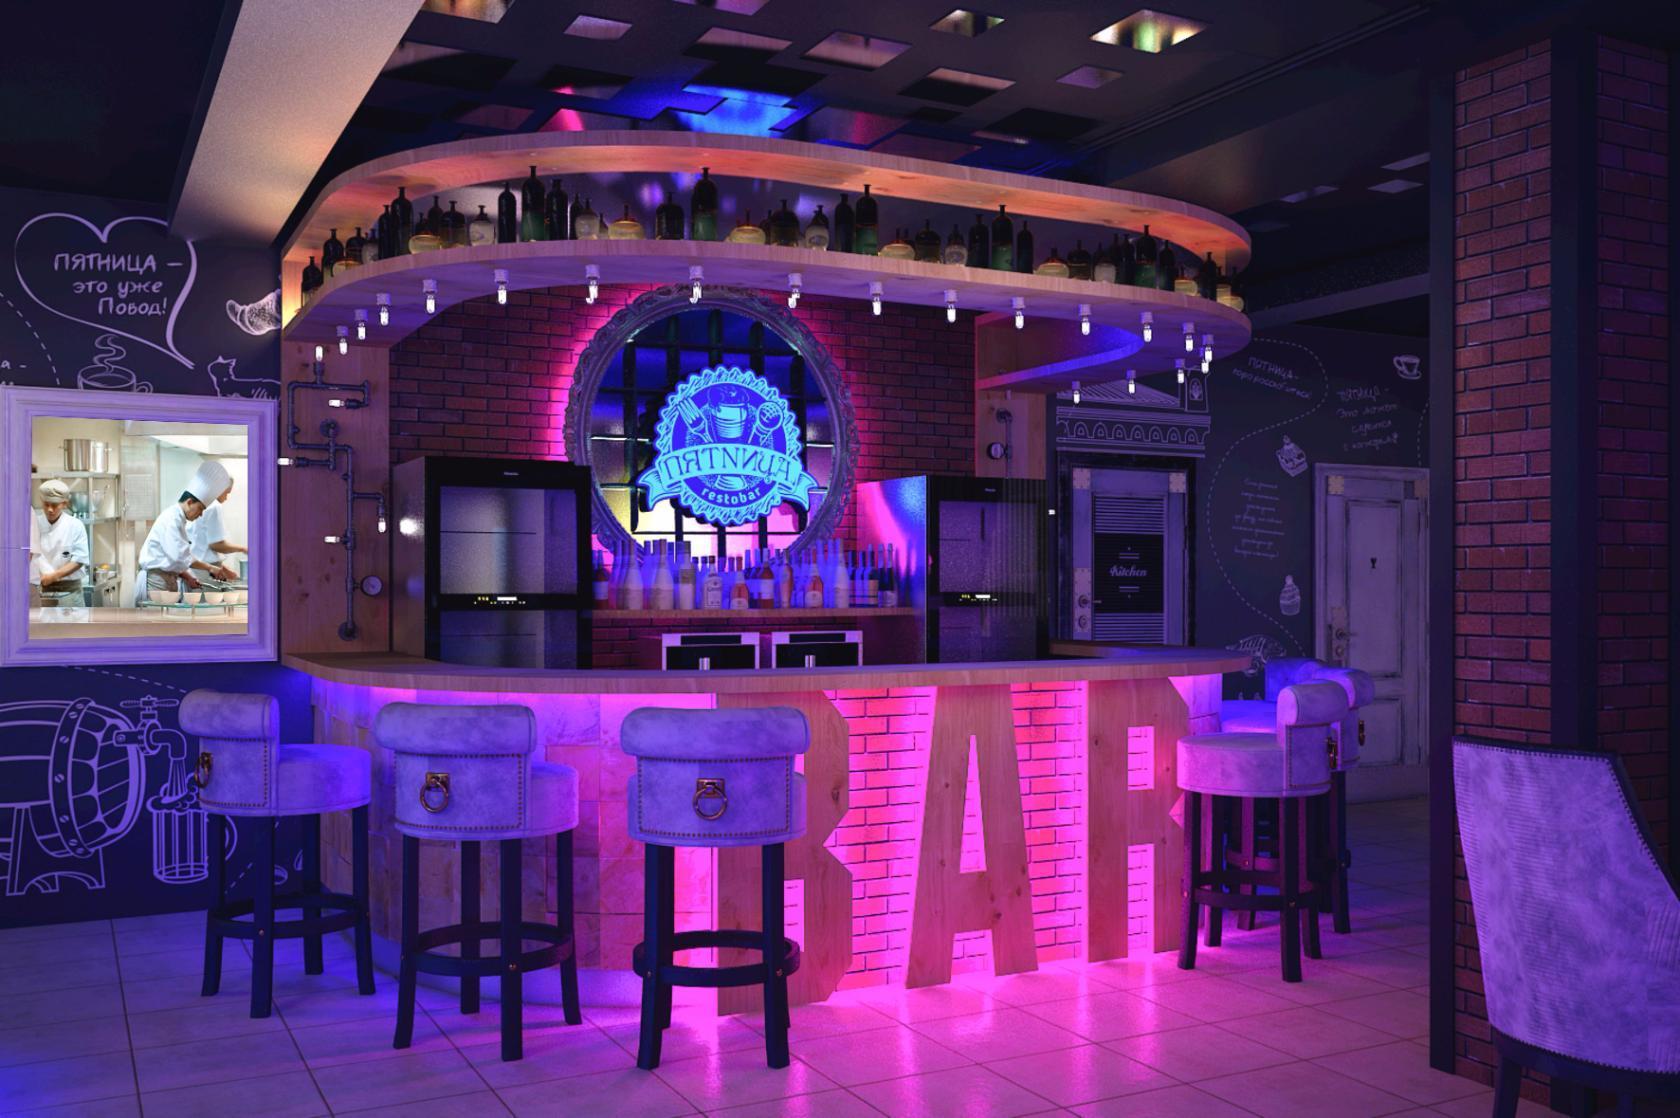 Концептуальный дизайн шоу-рума мебельного магазина фото f_9635a75599d65961.jpg